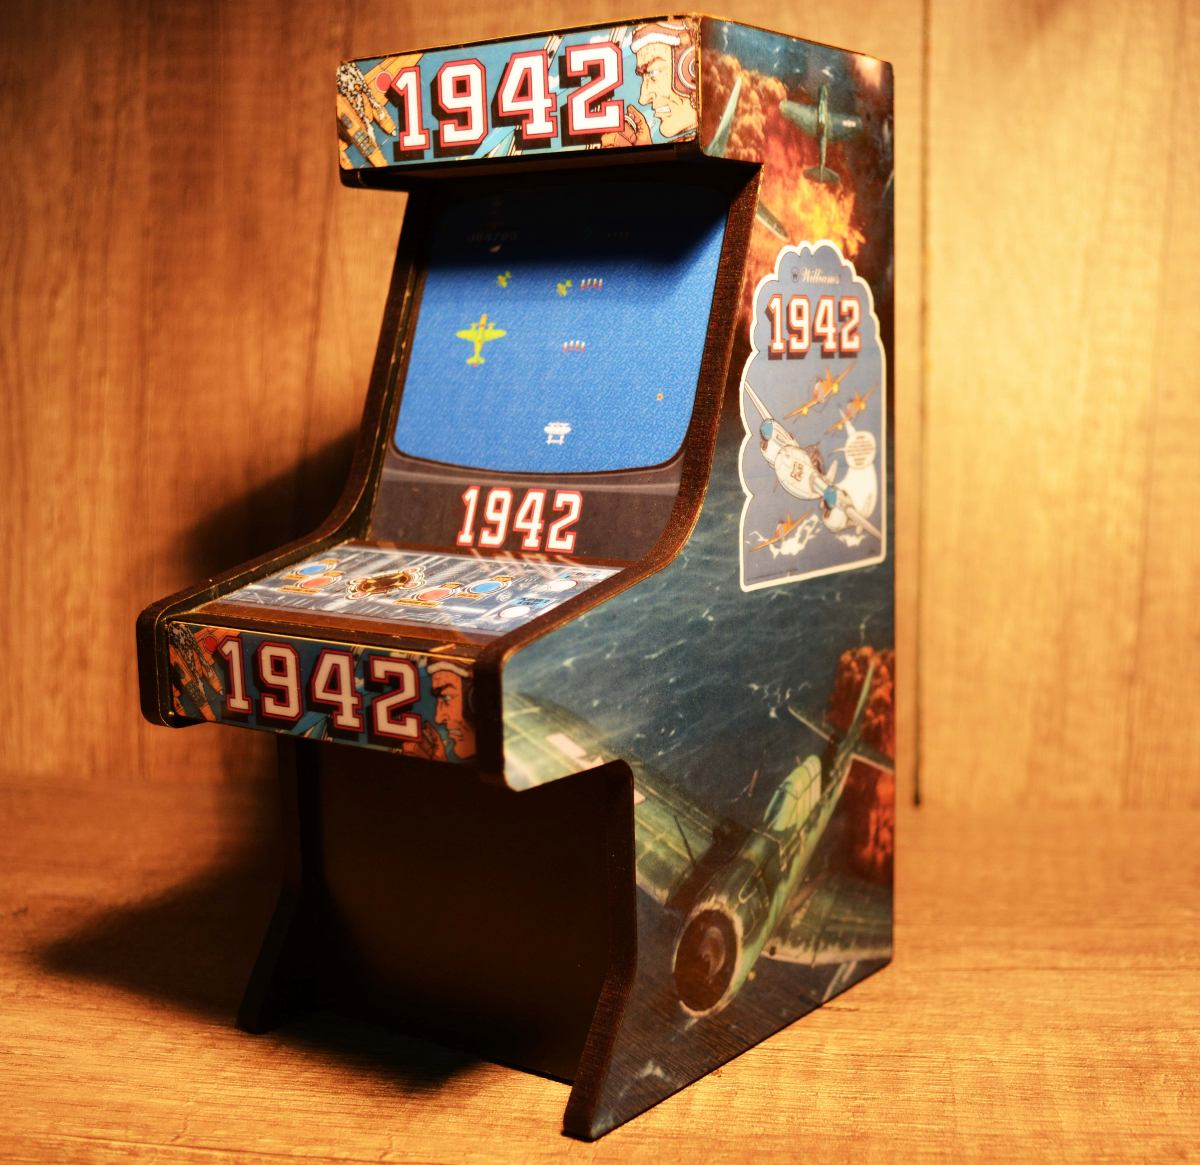 1942 Arcade Cabinet Alcanc A En Forma De Arcade 1942 25000 En Mercado Libre